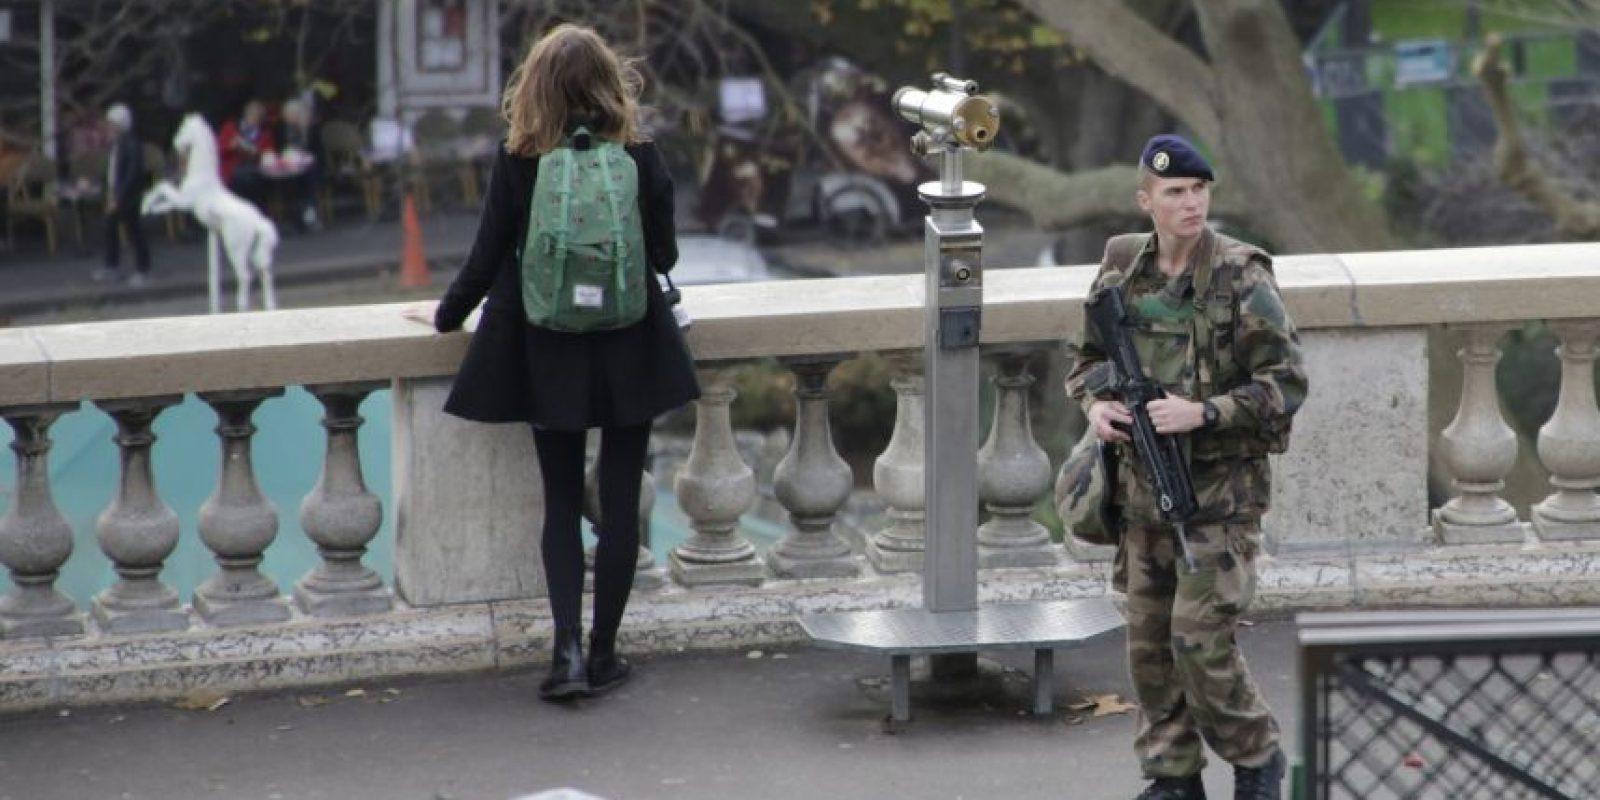 La Policía aún busca a uno de los terroristas. Foto:AP